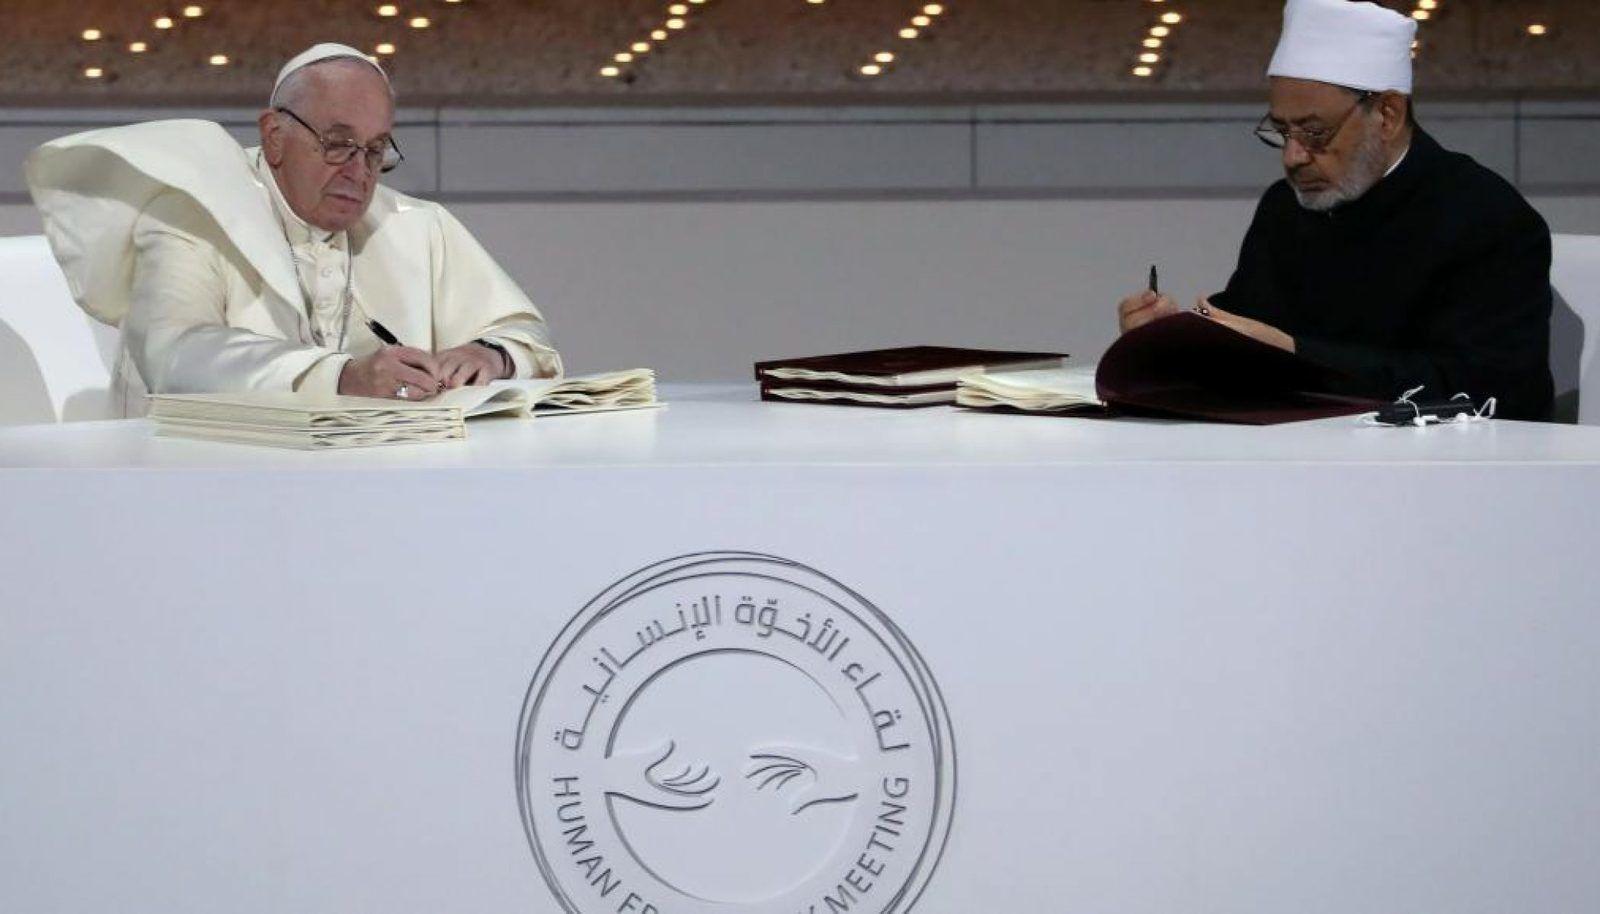 Lisons et créons des lieux d'échanges sur : la fraternité humaine pour la paix mondiale et la coexistence commune. Conférence de V. Feroldi